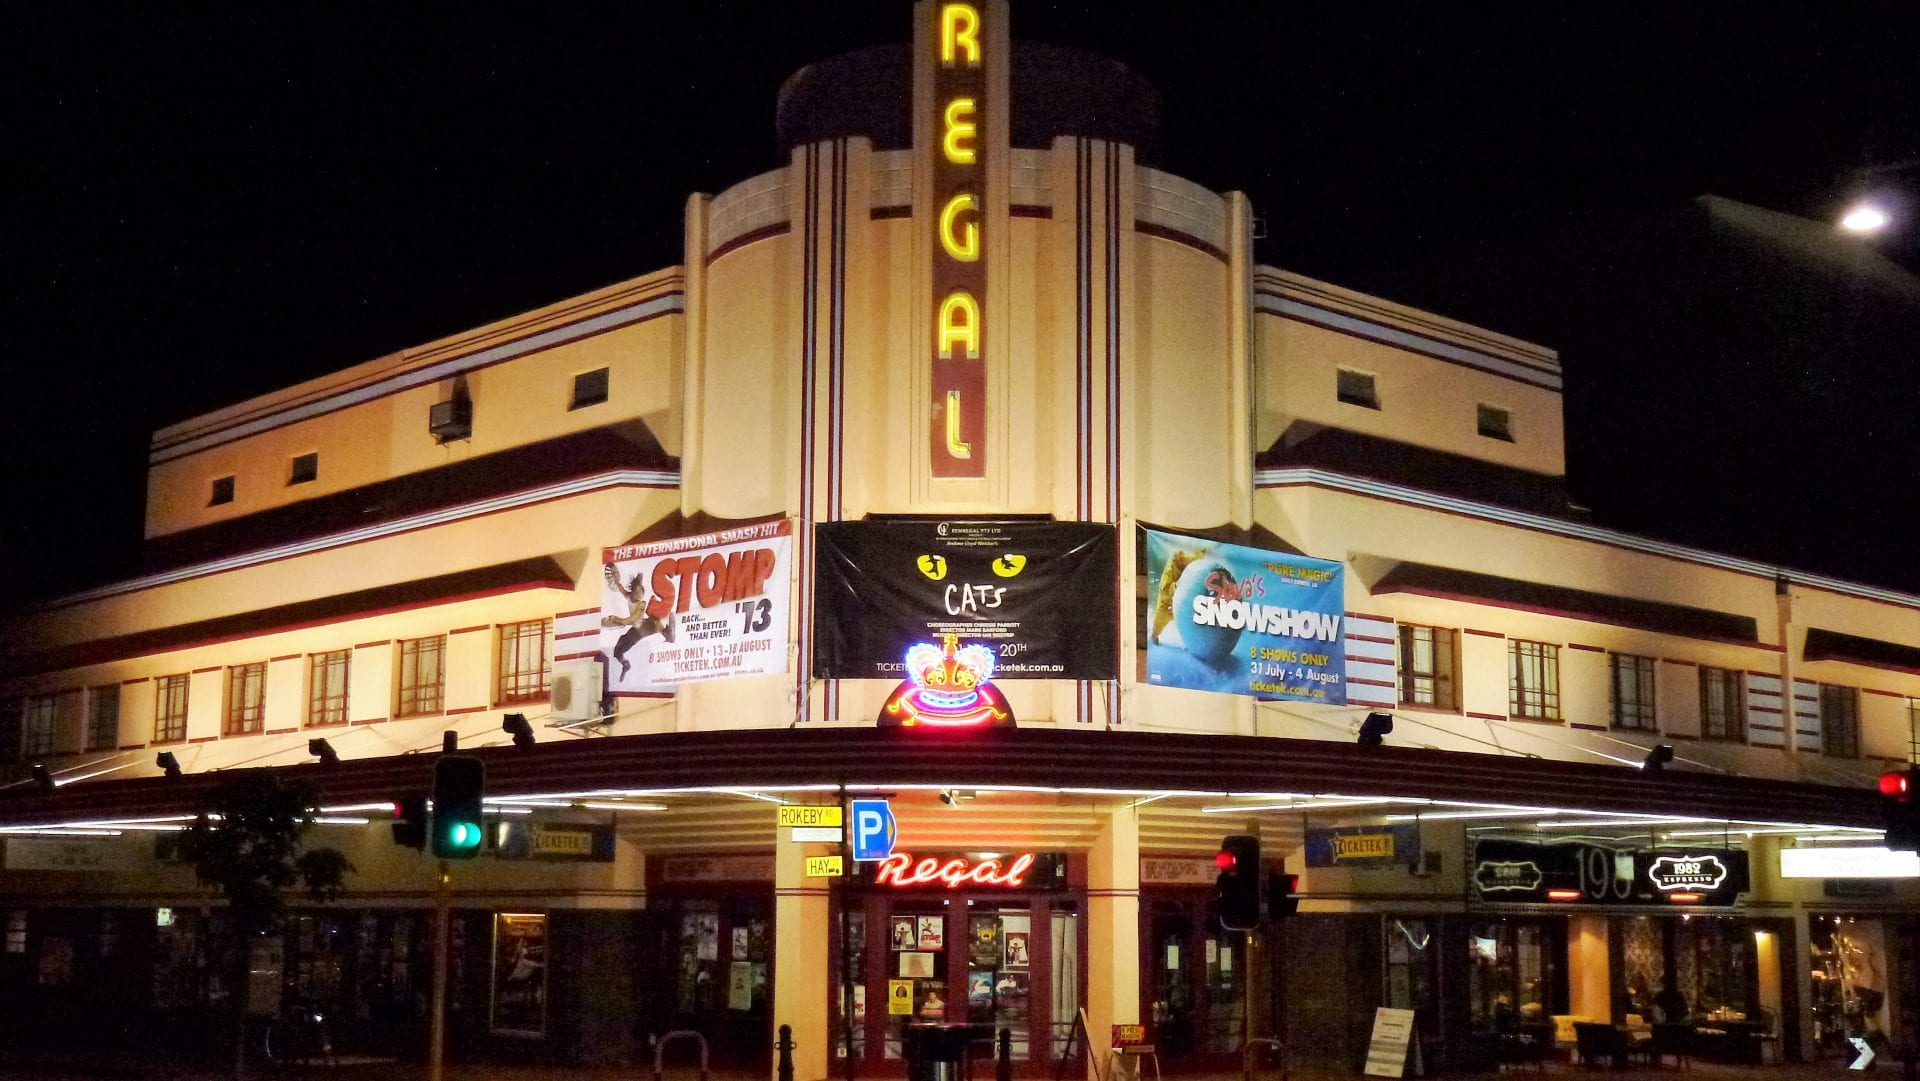 subi-Regal-Theatre-2-1920x1081